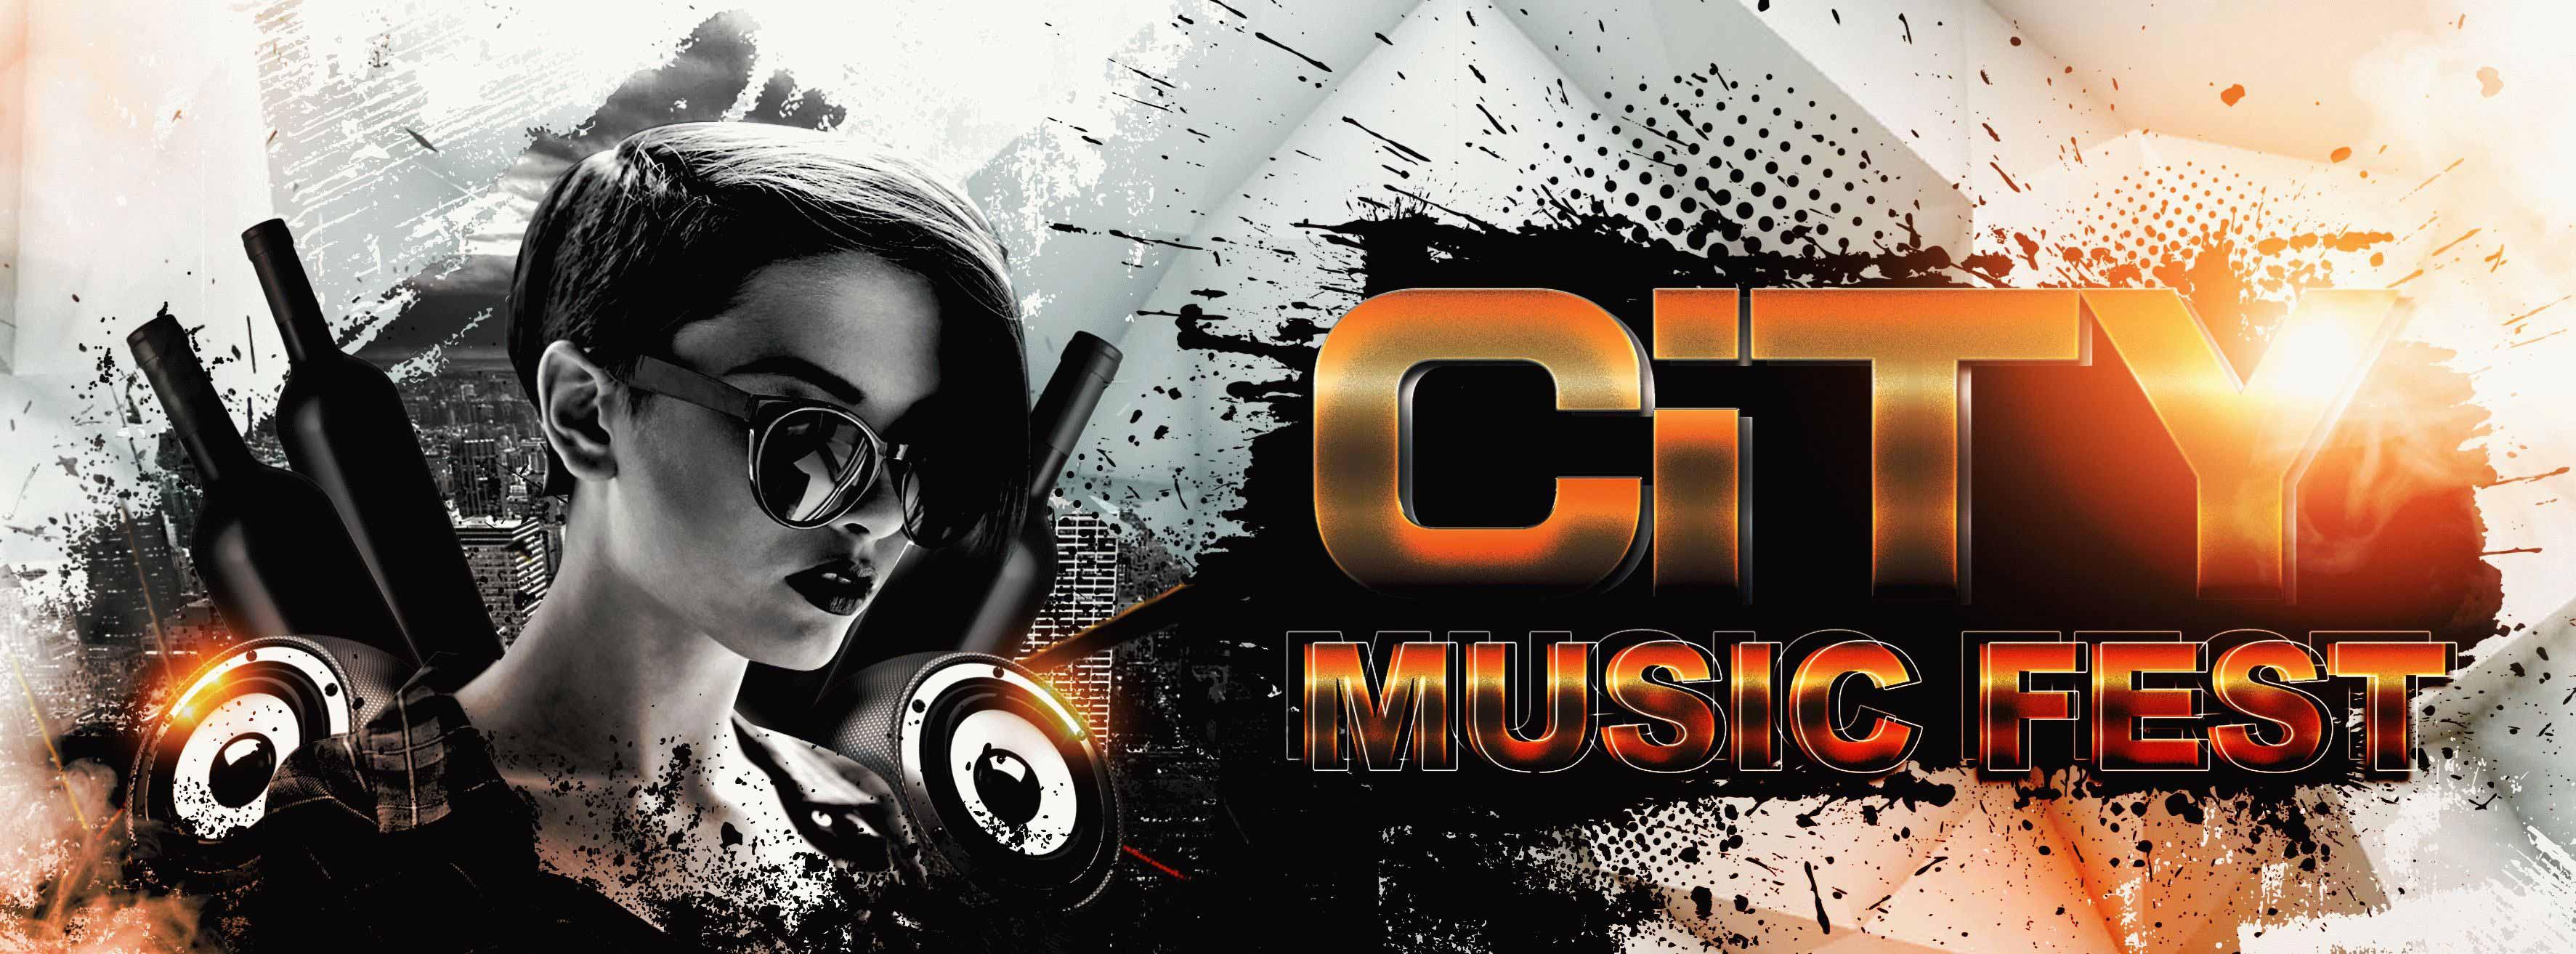 City Music Fest PSD Flyer Template